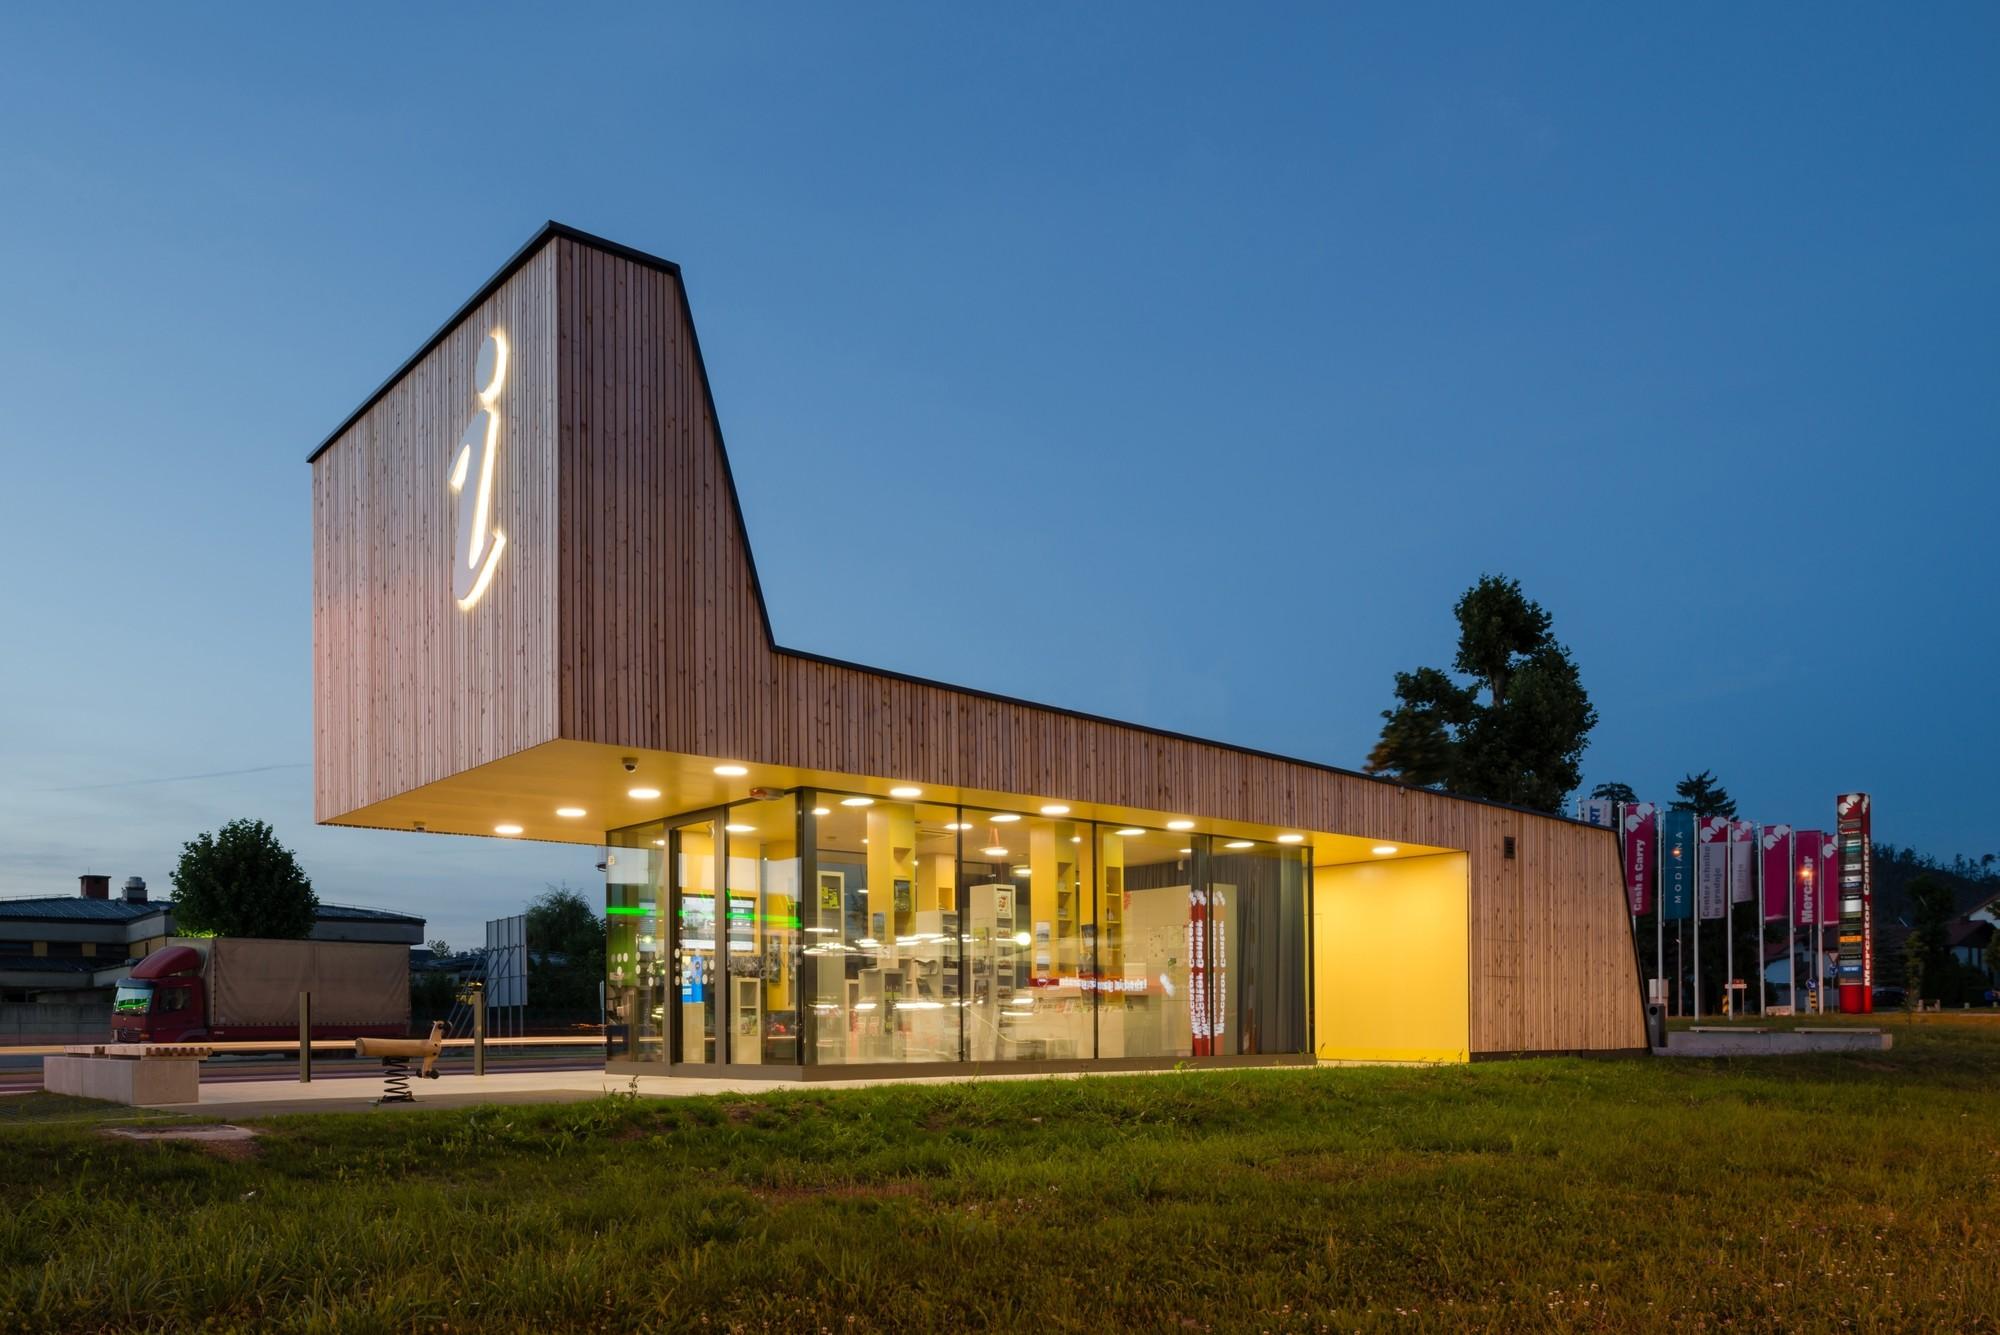 Centro de información turística Postojna / studio stratum, © Virginia Vrecl